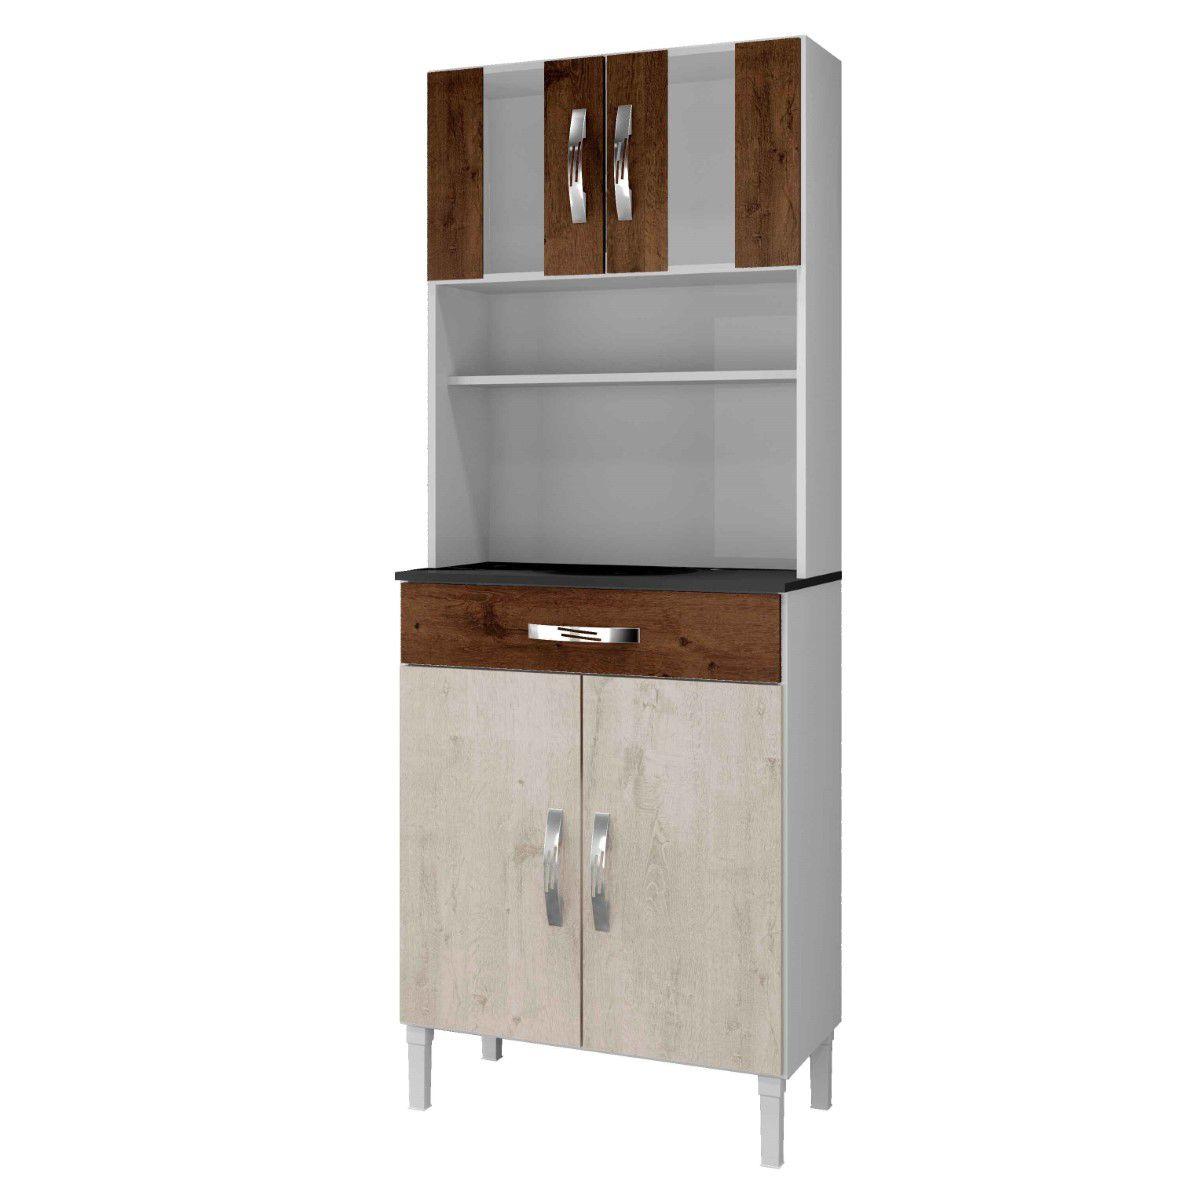 Kit Cozinha Milão 04 Portas e 01 Gaveta Arte Móveis